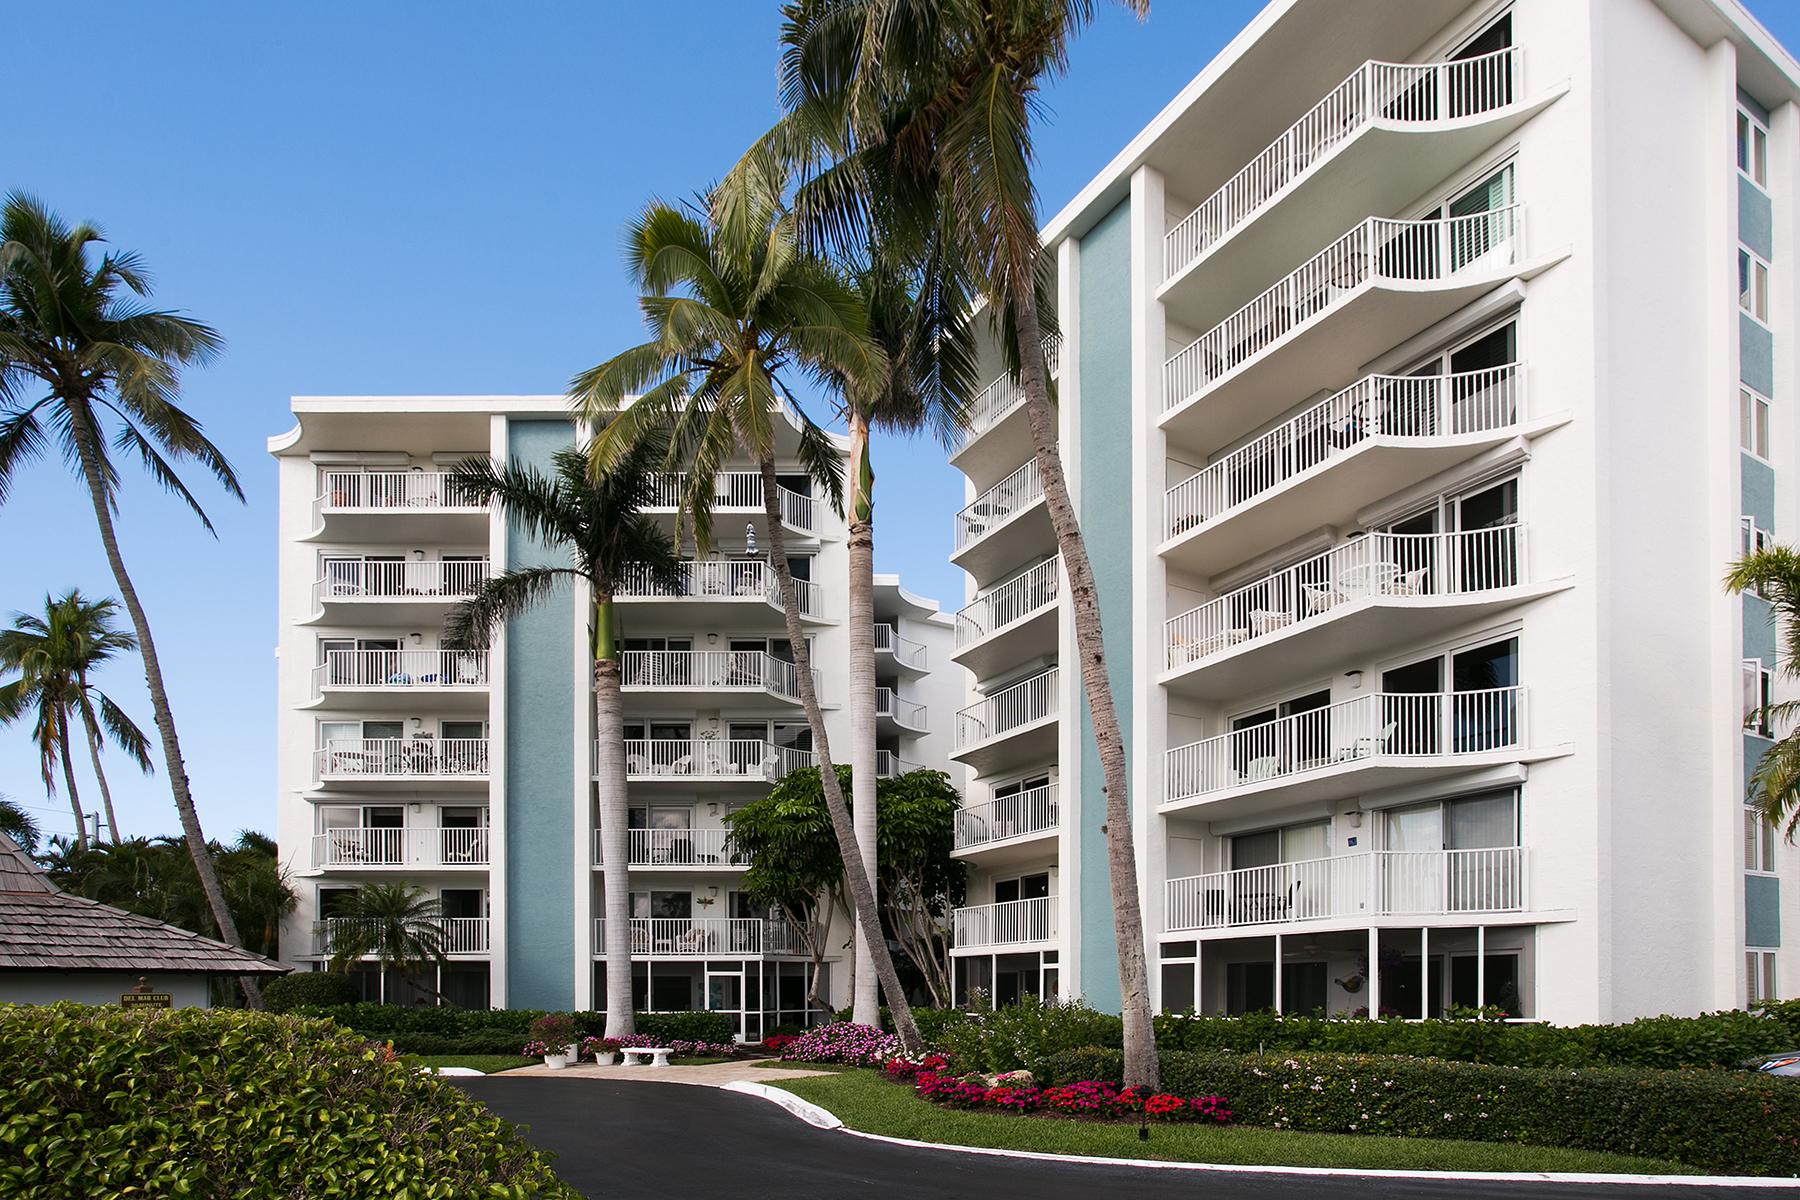 共管式独立产权公寓 为 销售 在 COQUINA SANDS - DEL MAR 1300 Gulf Shore Blvd N 307, 那不勒斯, 佛罗里达州, 34102 美国